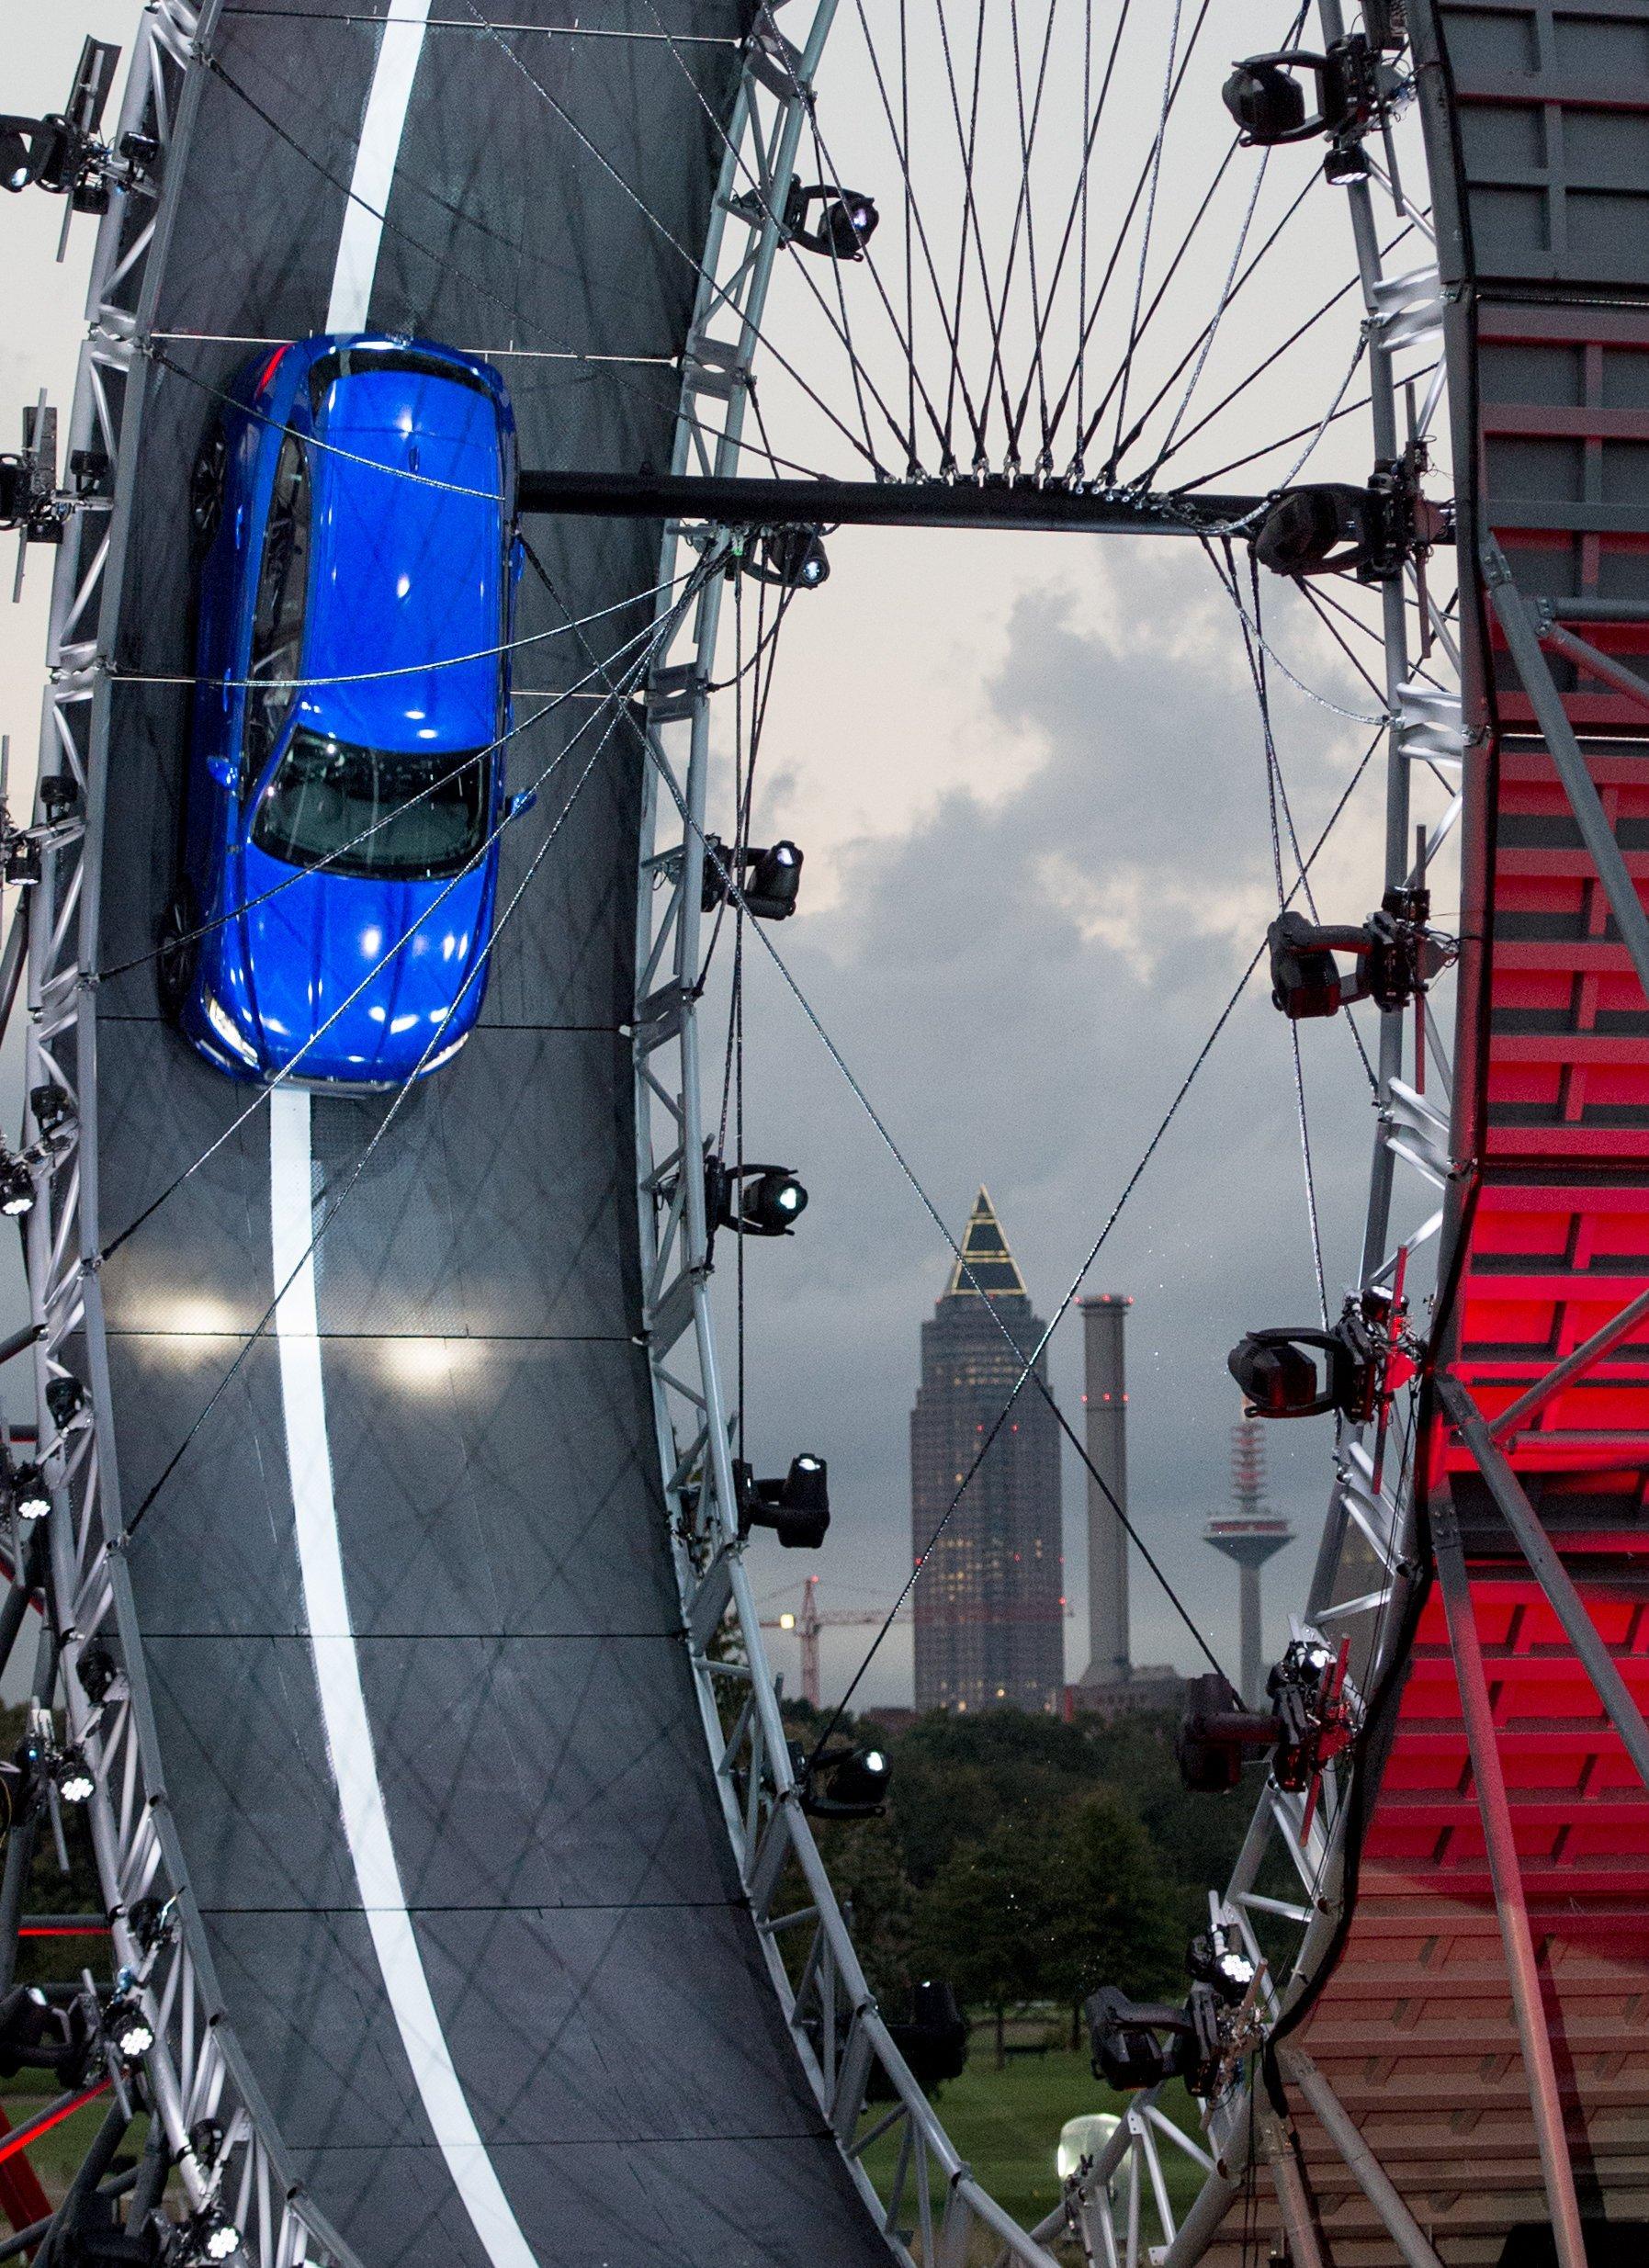 Der 19 m hohe Looping wurde im Vorfeld der IAA auf der Galopprennbahn in Frankfurt am Main aufgebaut. Jaguar hat sich mit der Show einen Platz im Guinness Buch der Rekorde gesichert.